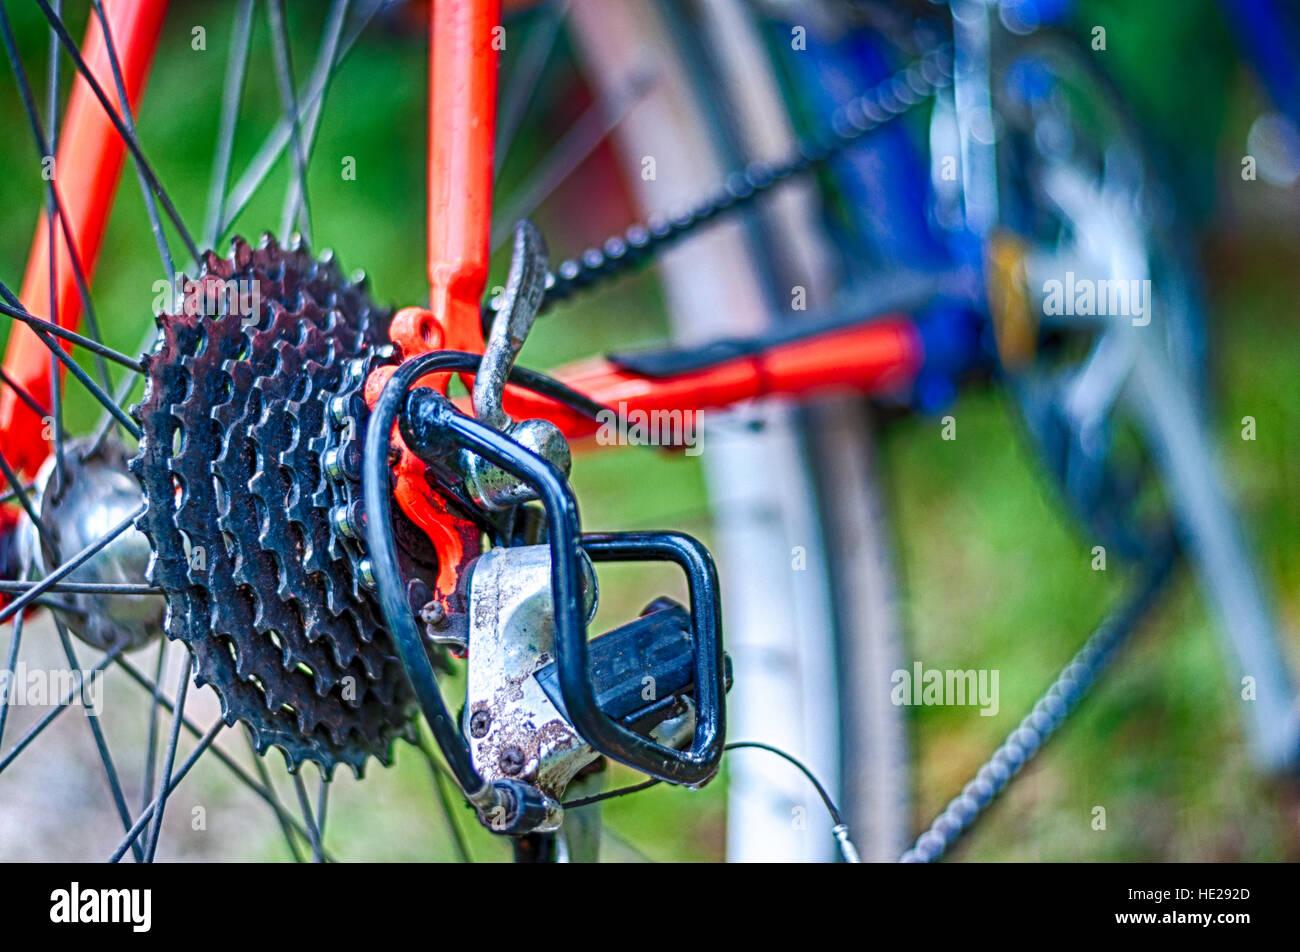 Primer plano de una bicicleta de montaña en el oriente del país Imagen De Stock